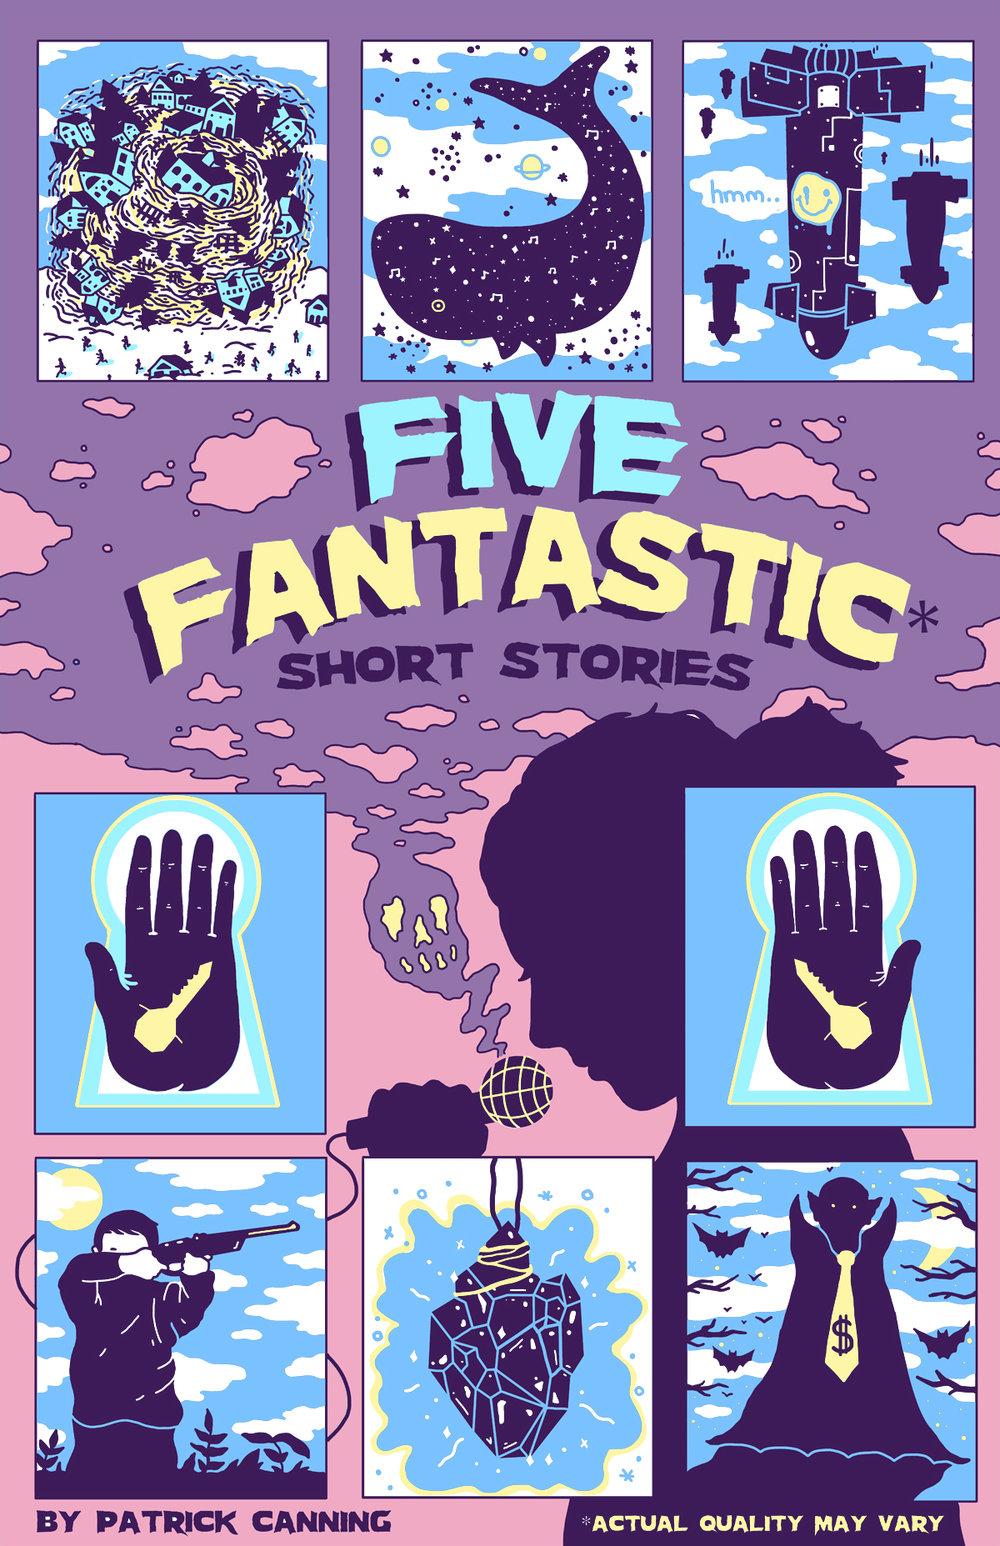 fivefantasticalillustration6.jpg